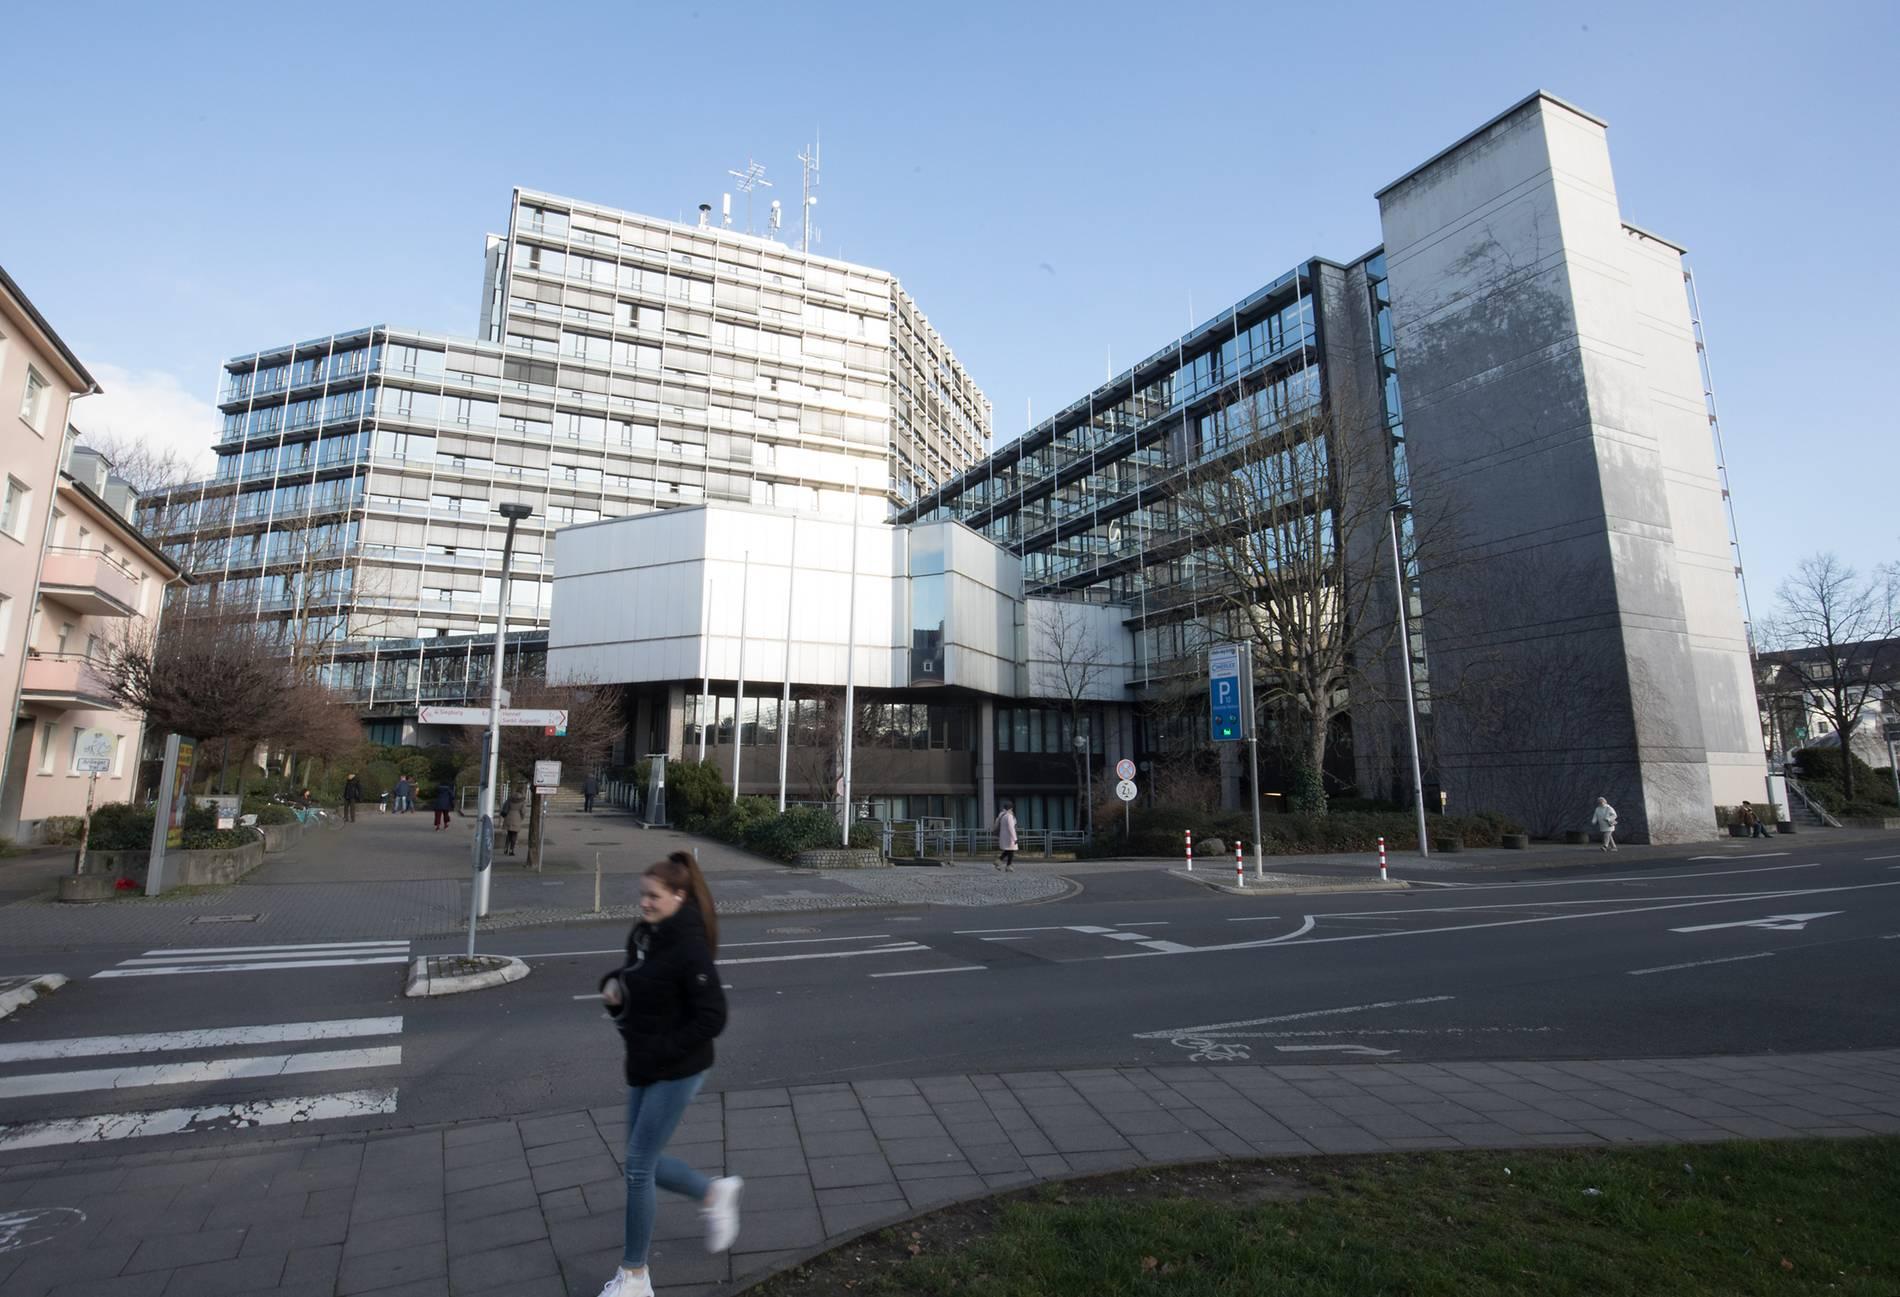 Gesundheitsamt Siegburg